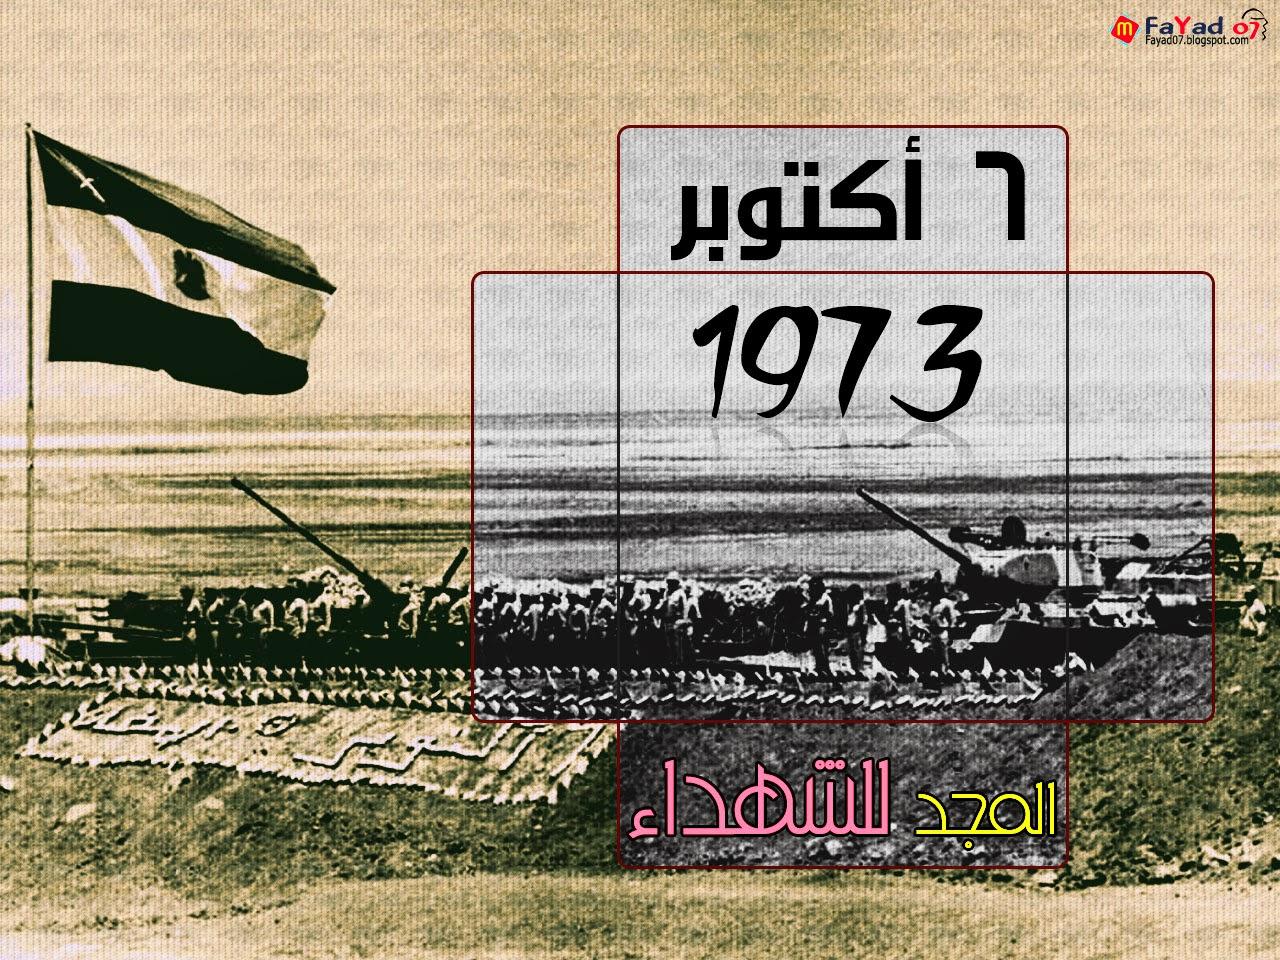 خلفية (تصميم) حرب 6 أكتوبر 1973